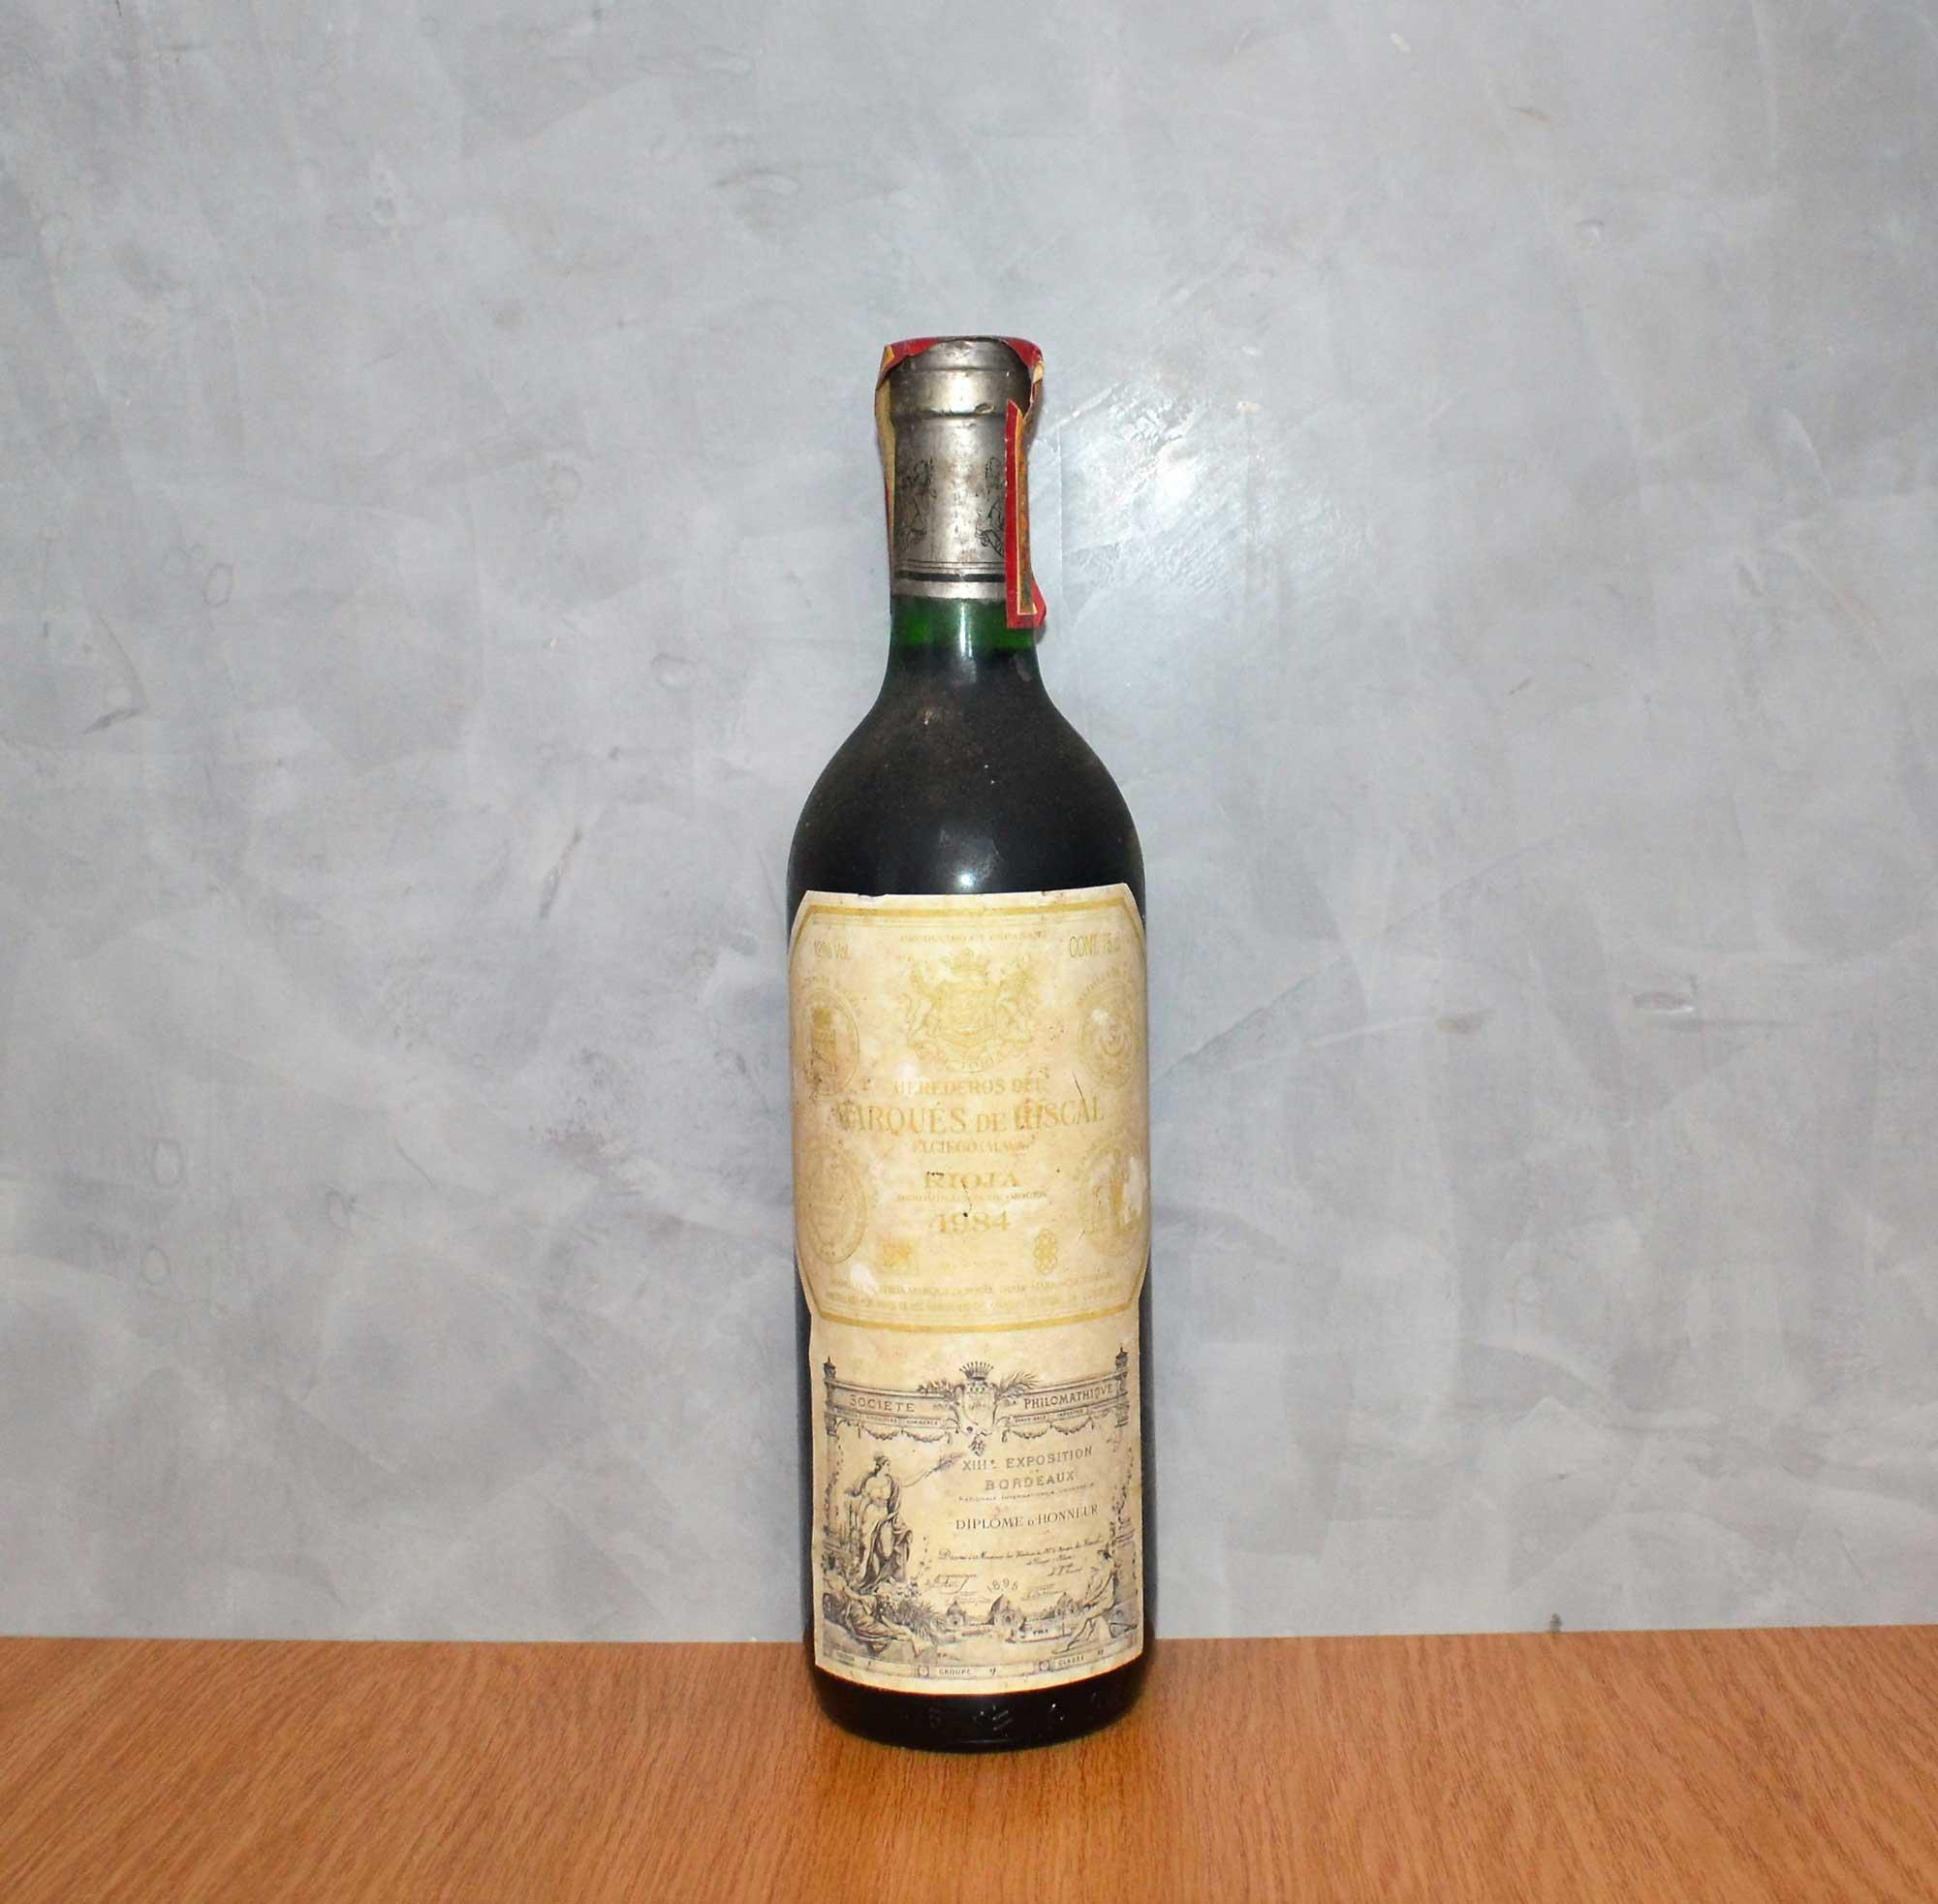 Marques de Riscal 1984